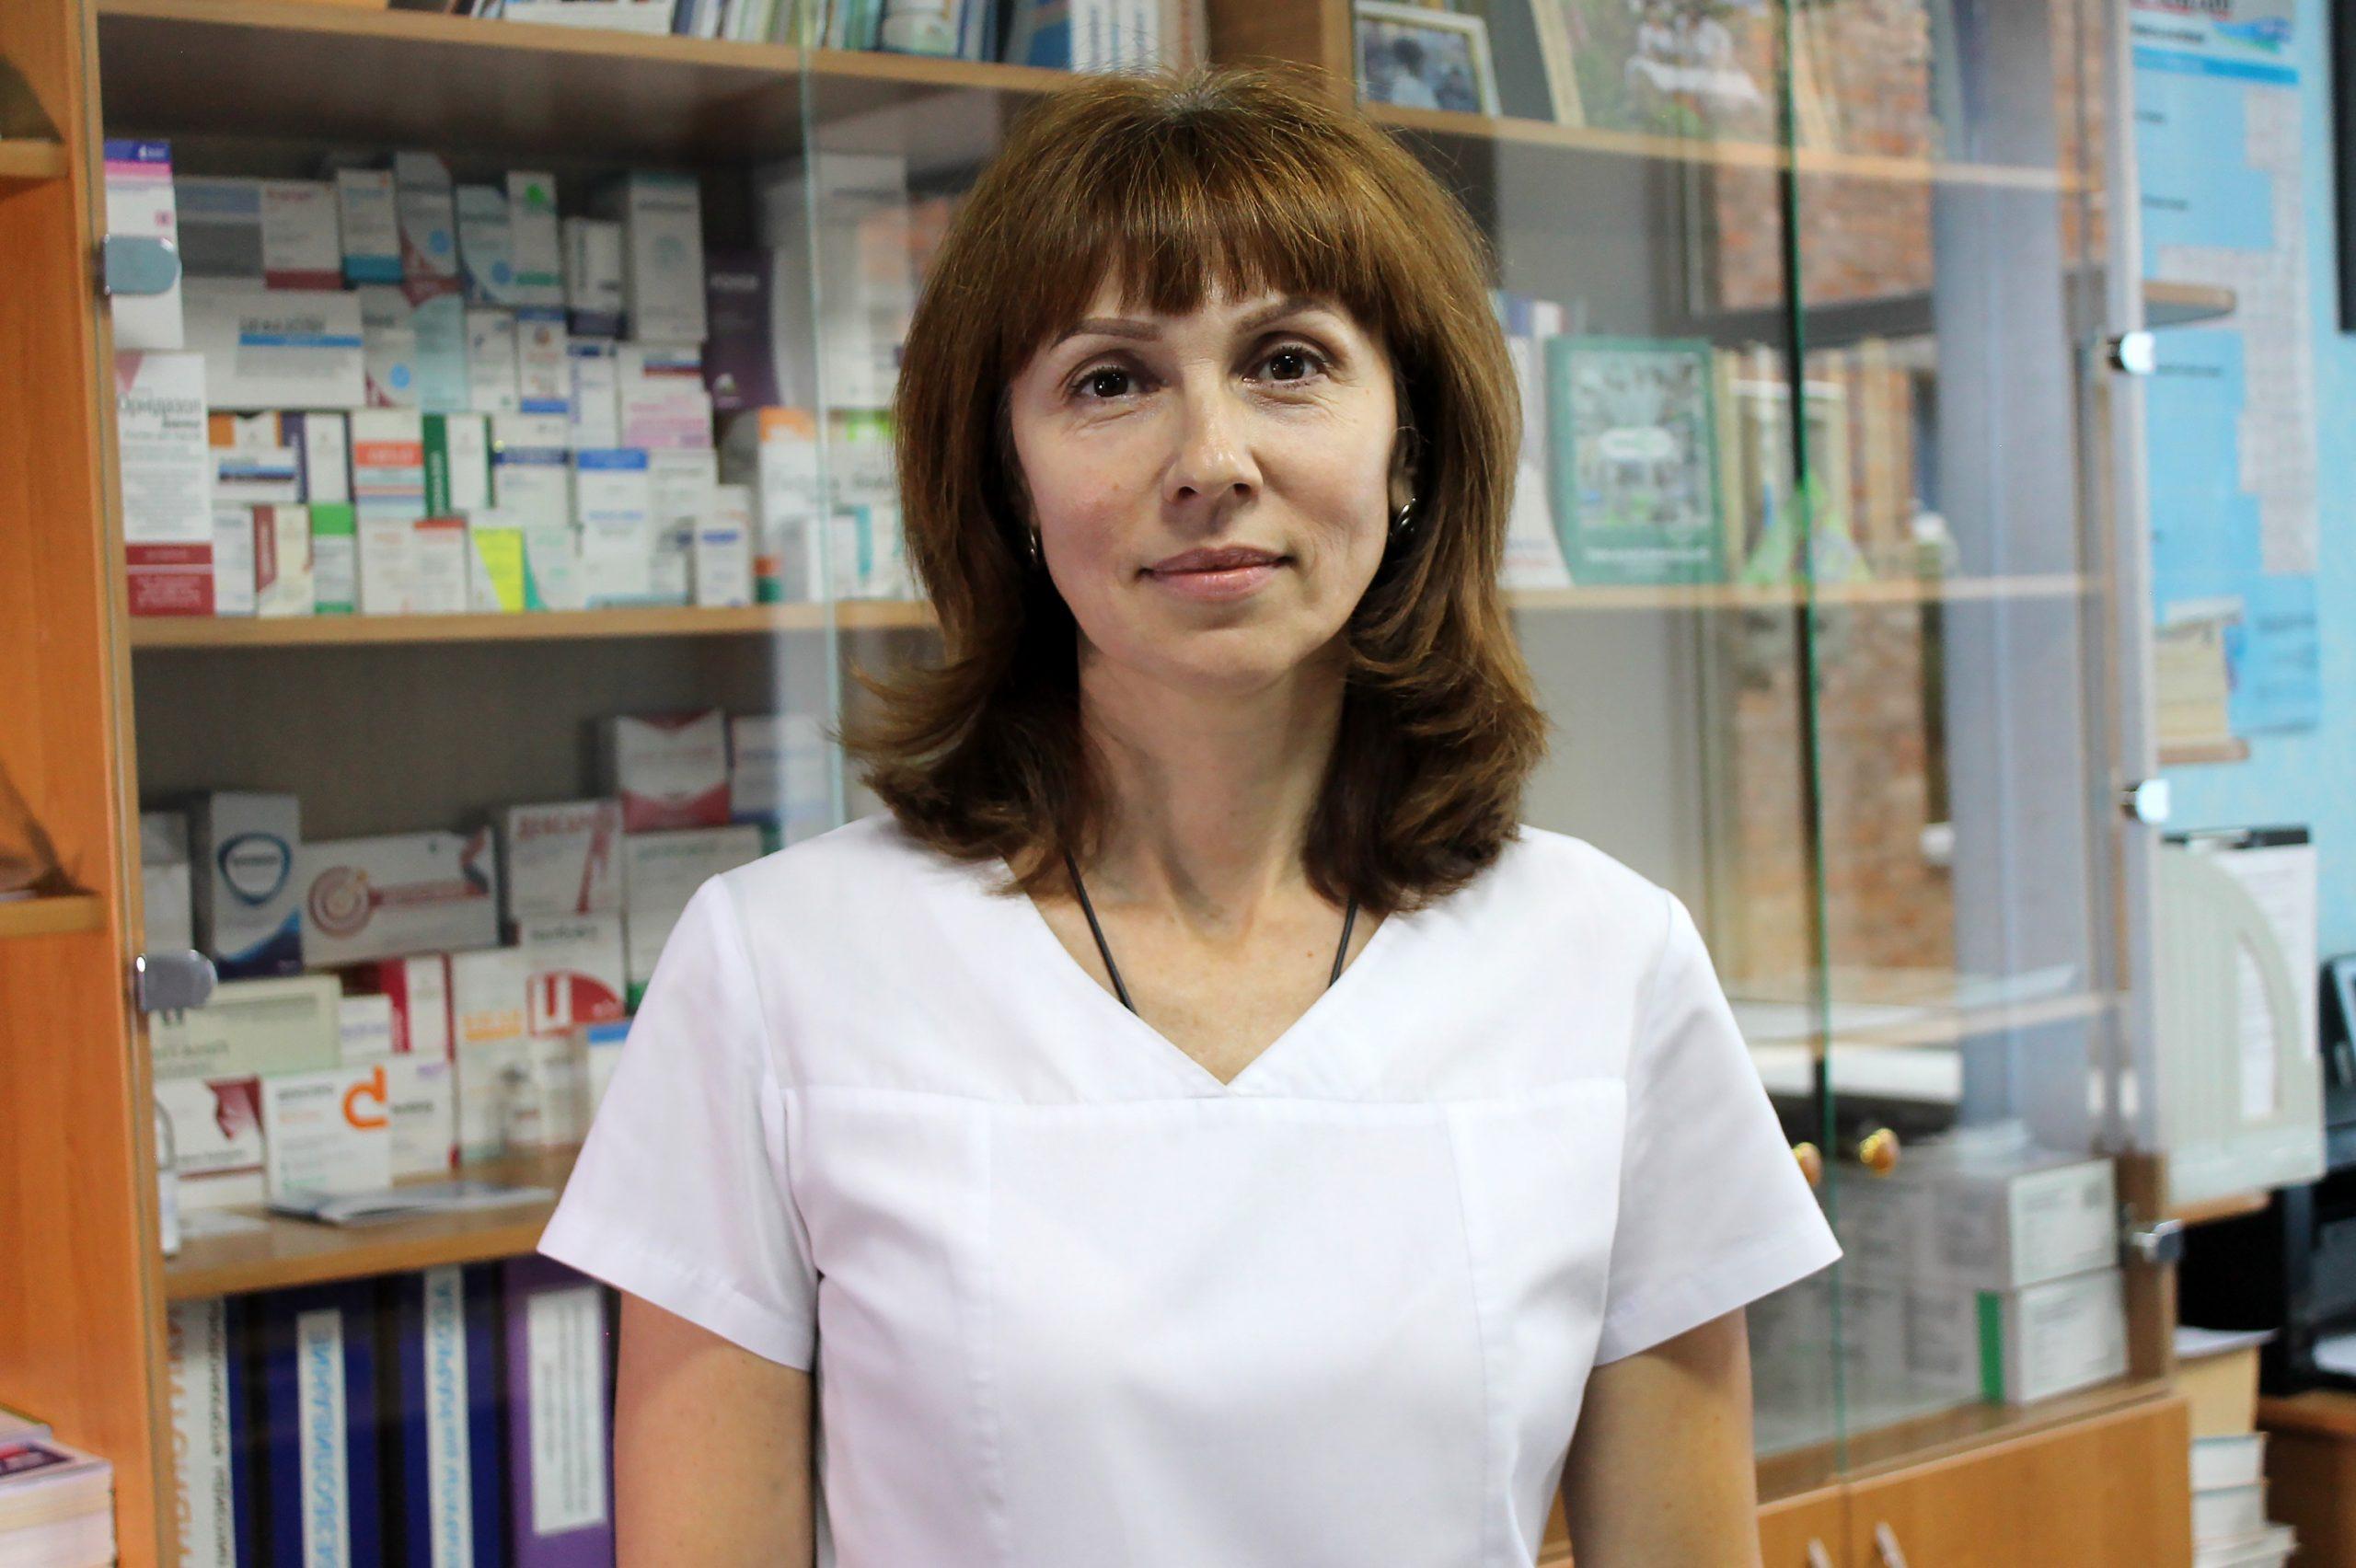 Наталія Босенко: «Тема донорства в нашій країні мало висвітлюється»